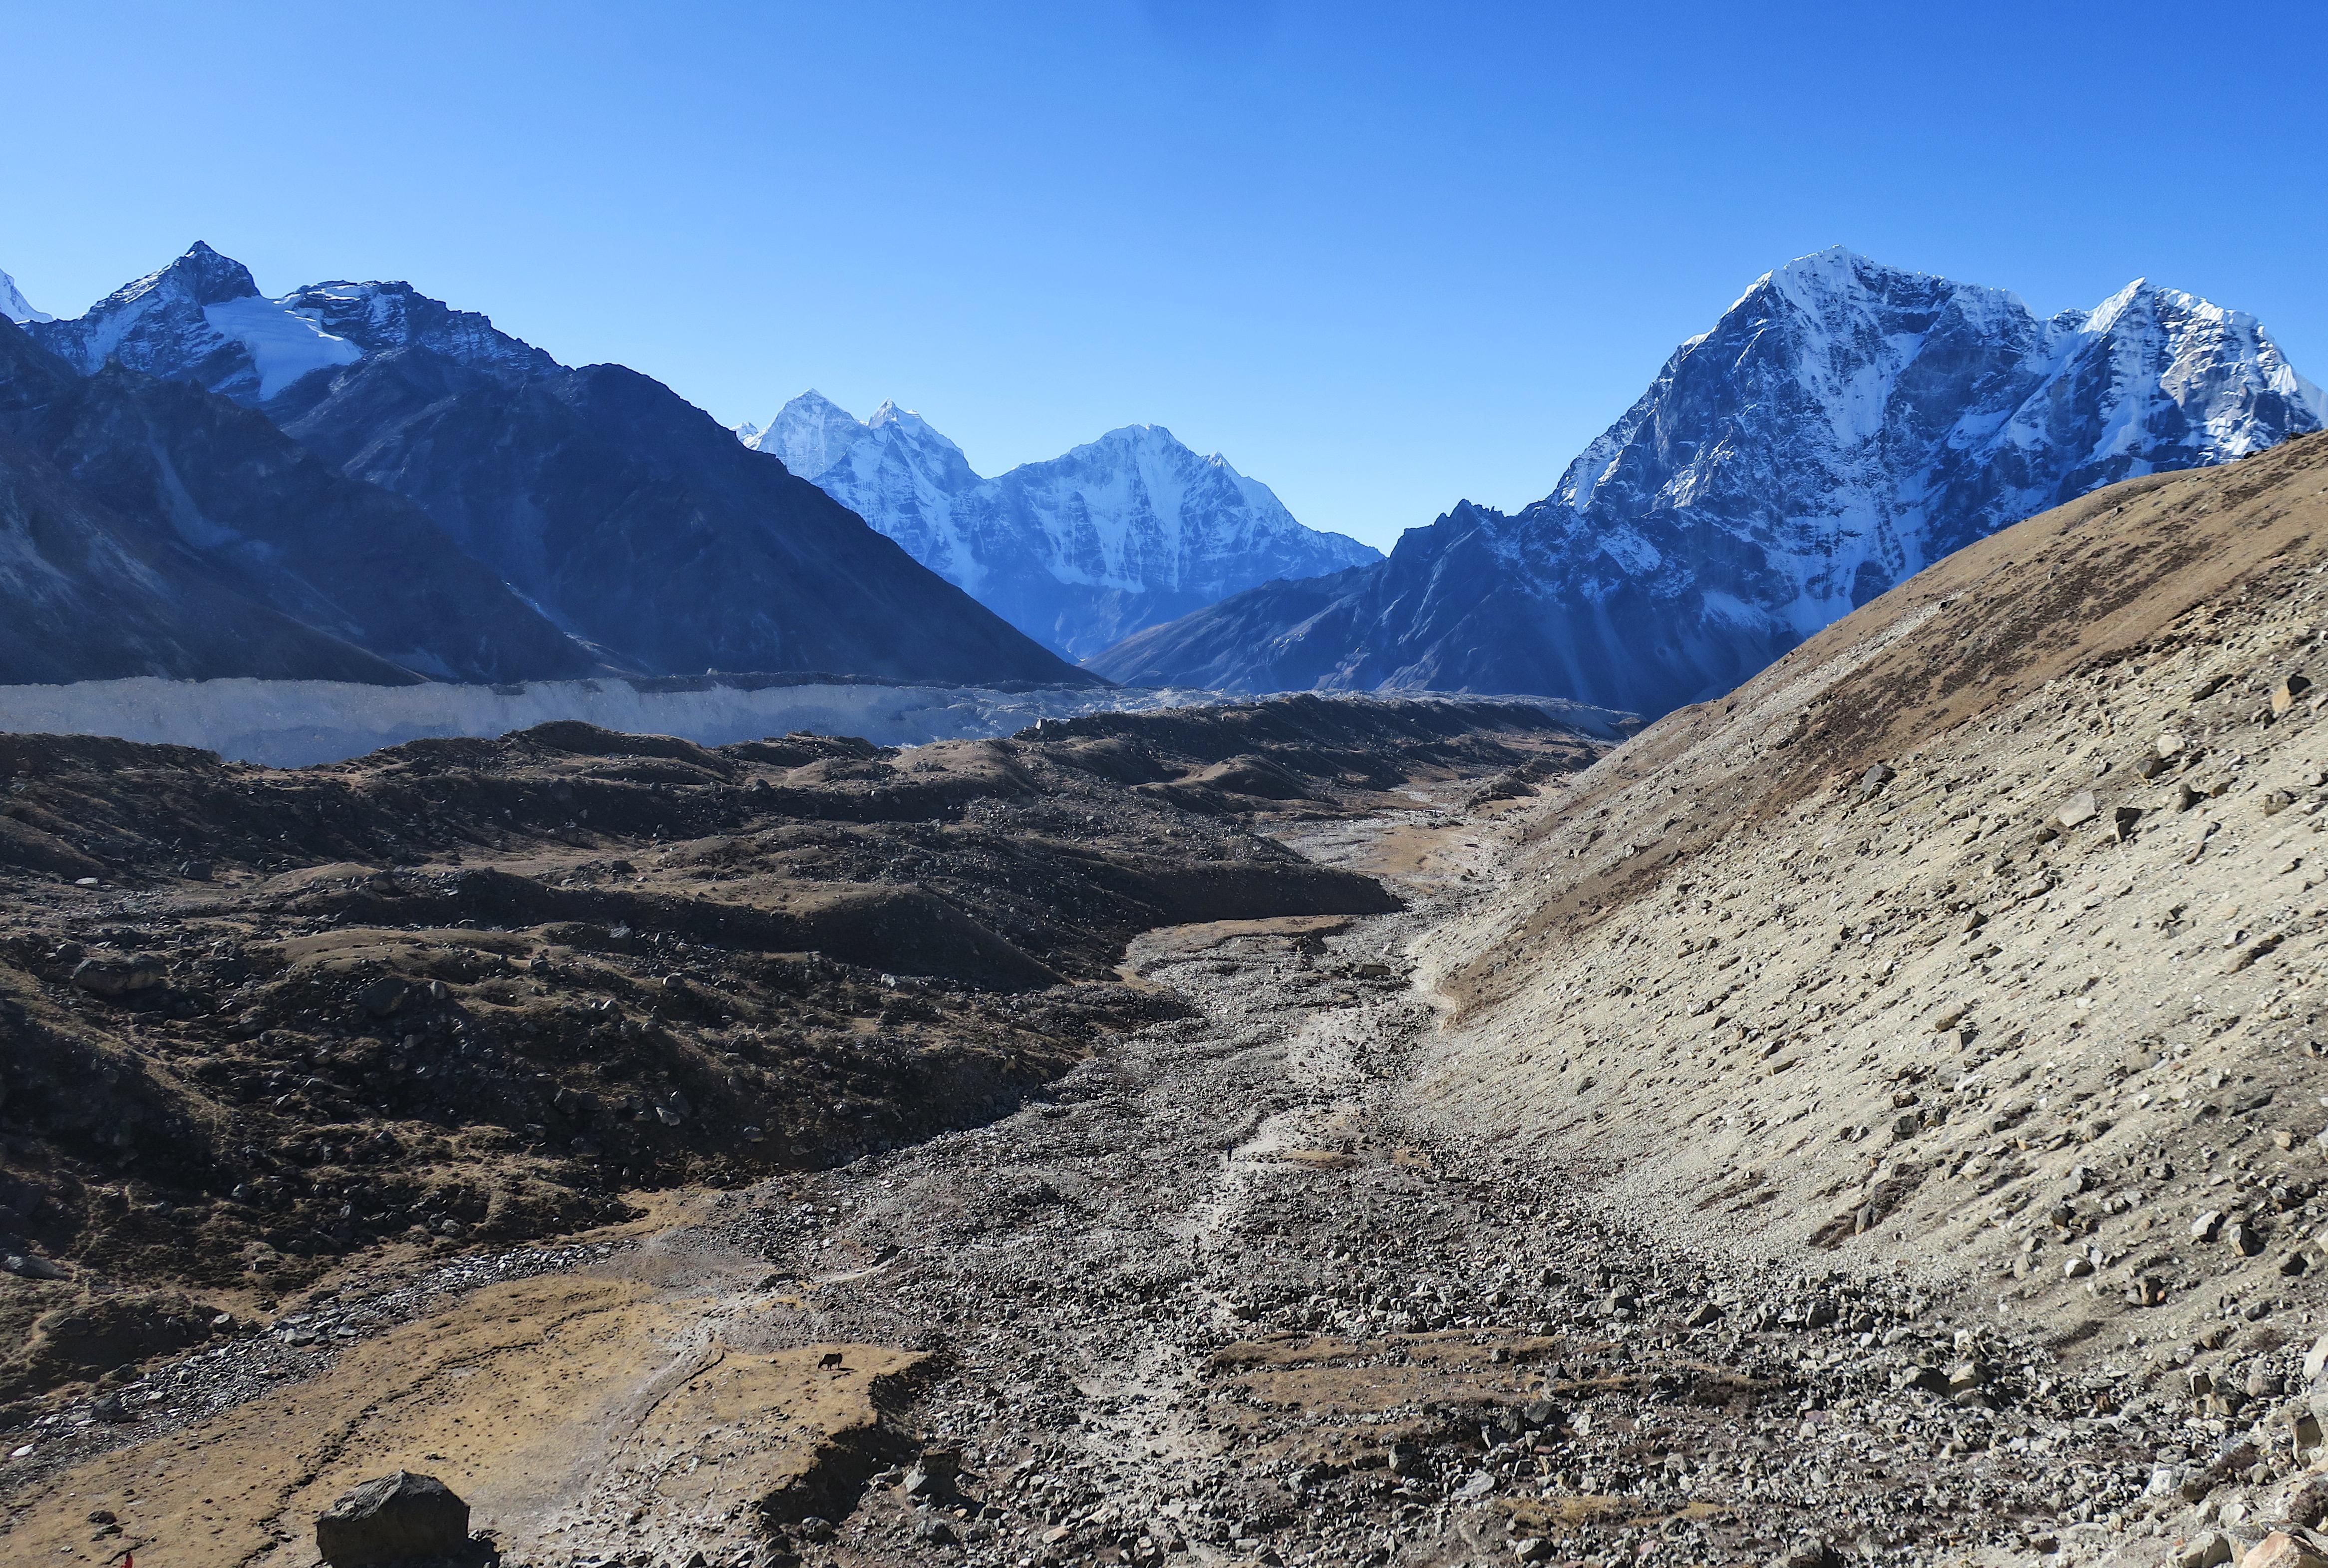 The trail to Lobuche.